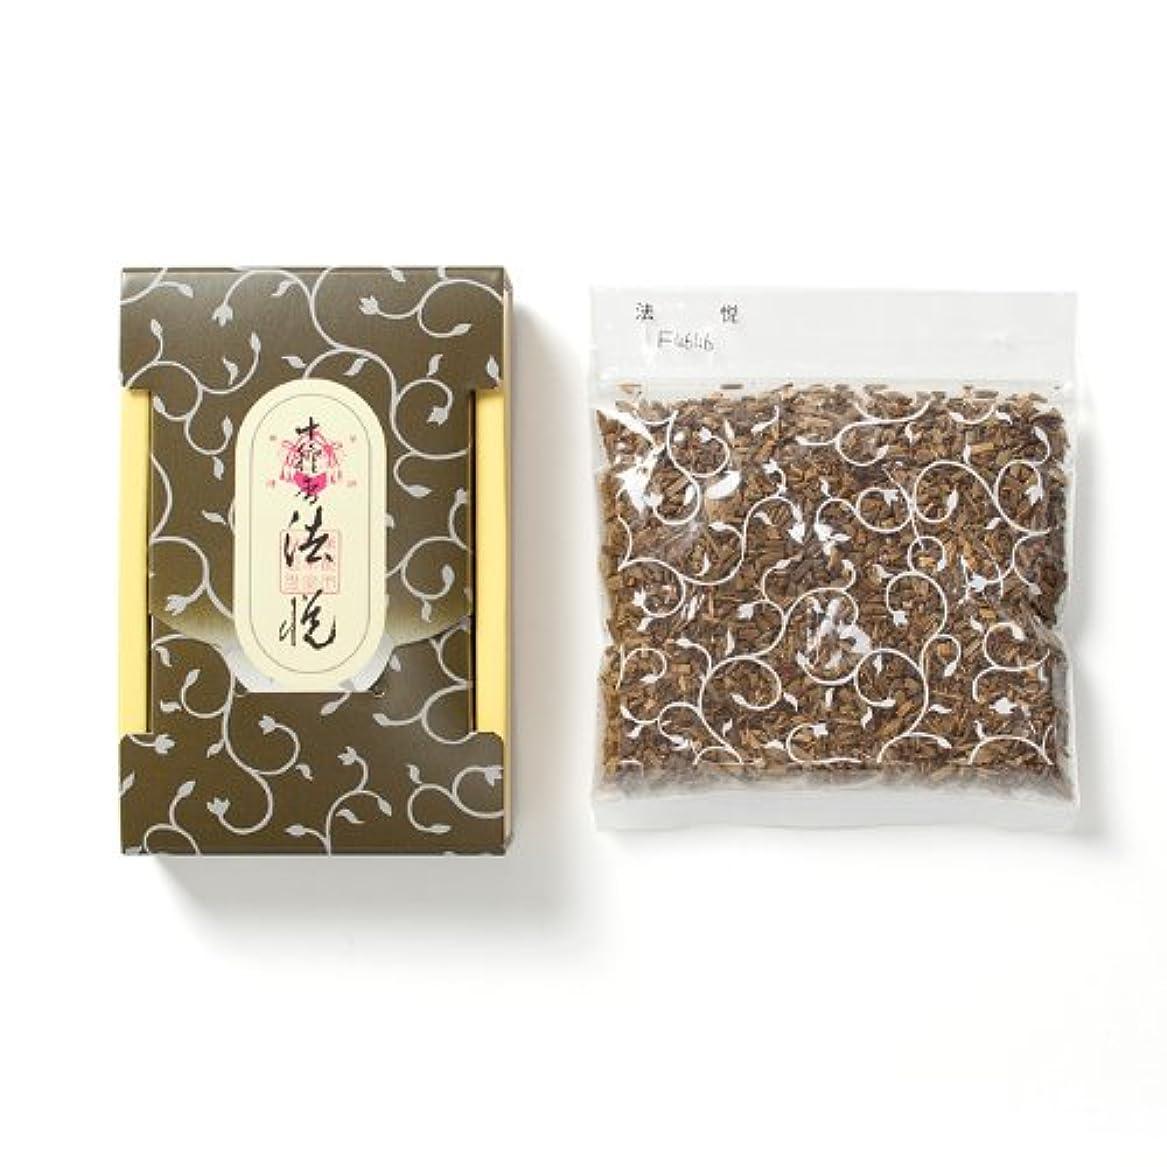 申し立てられた主流税金松栄堂のお焼香 十種香 法悦 25g詰 小箱入 #411041